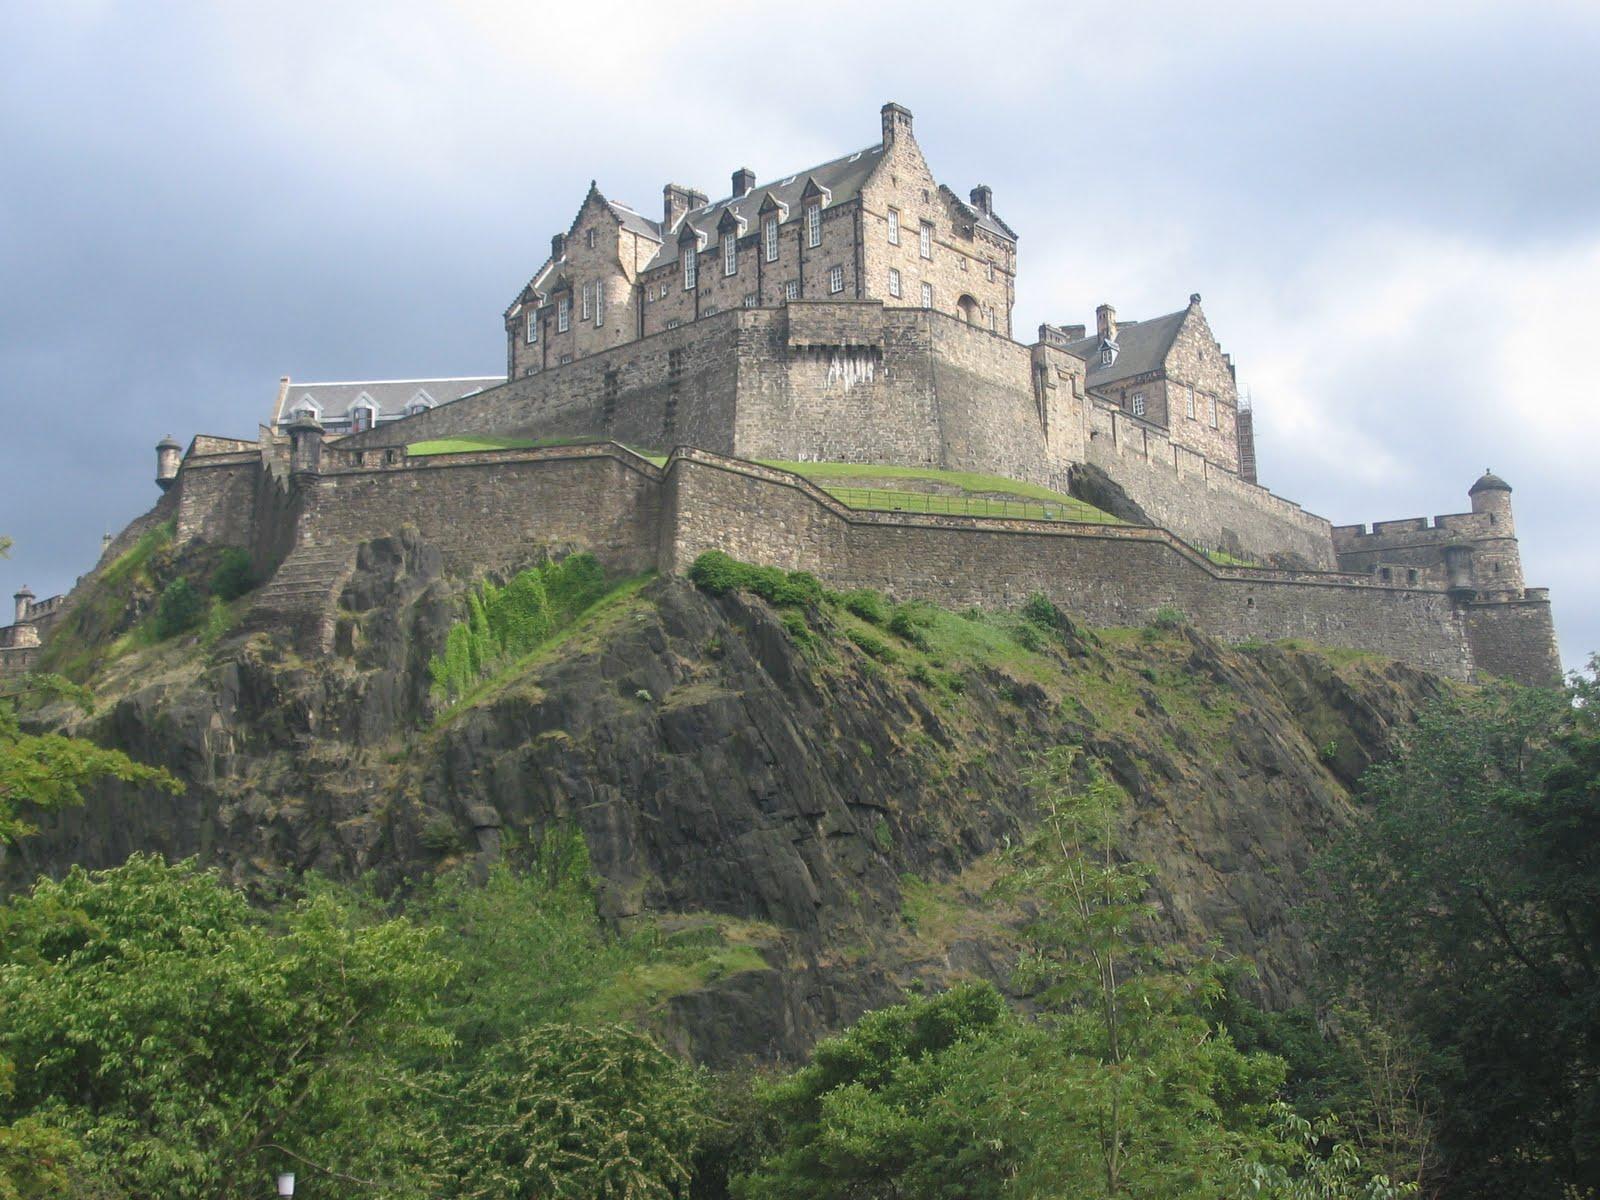 Zamek w Edynburgu, Szkocja [1600x1200]